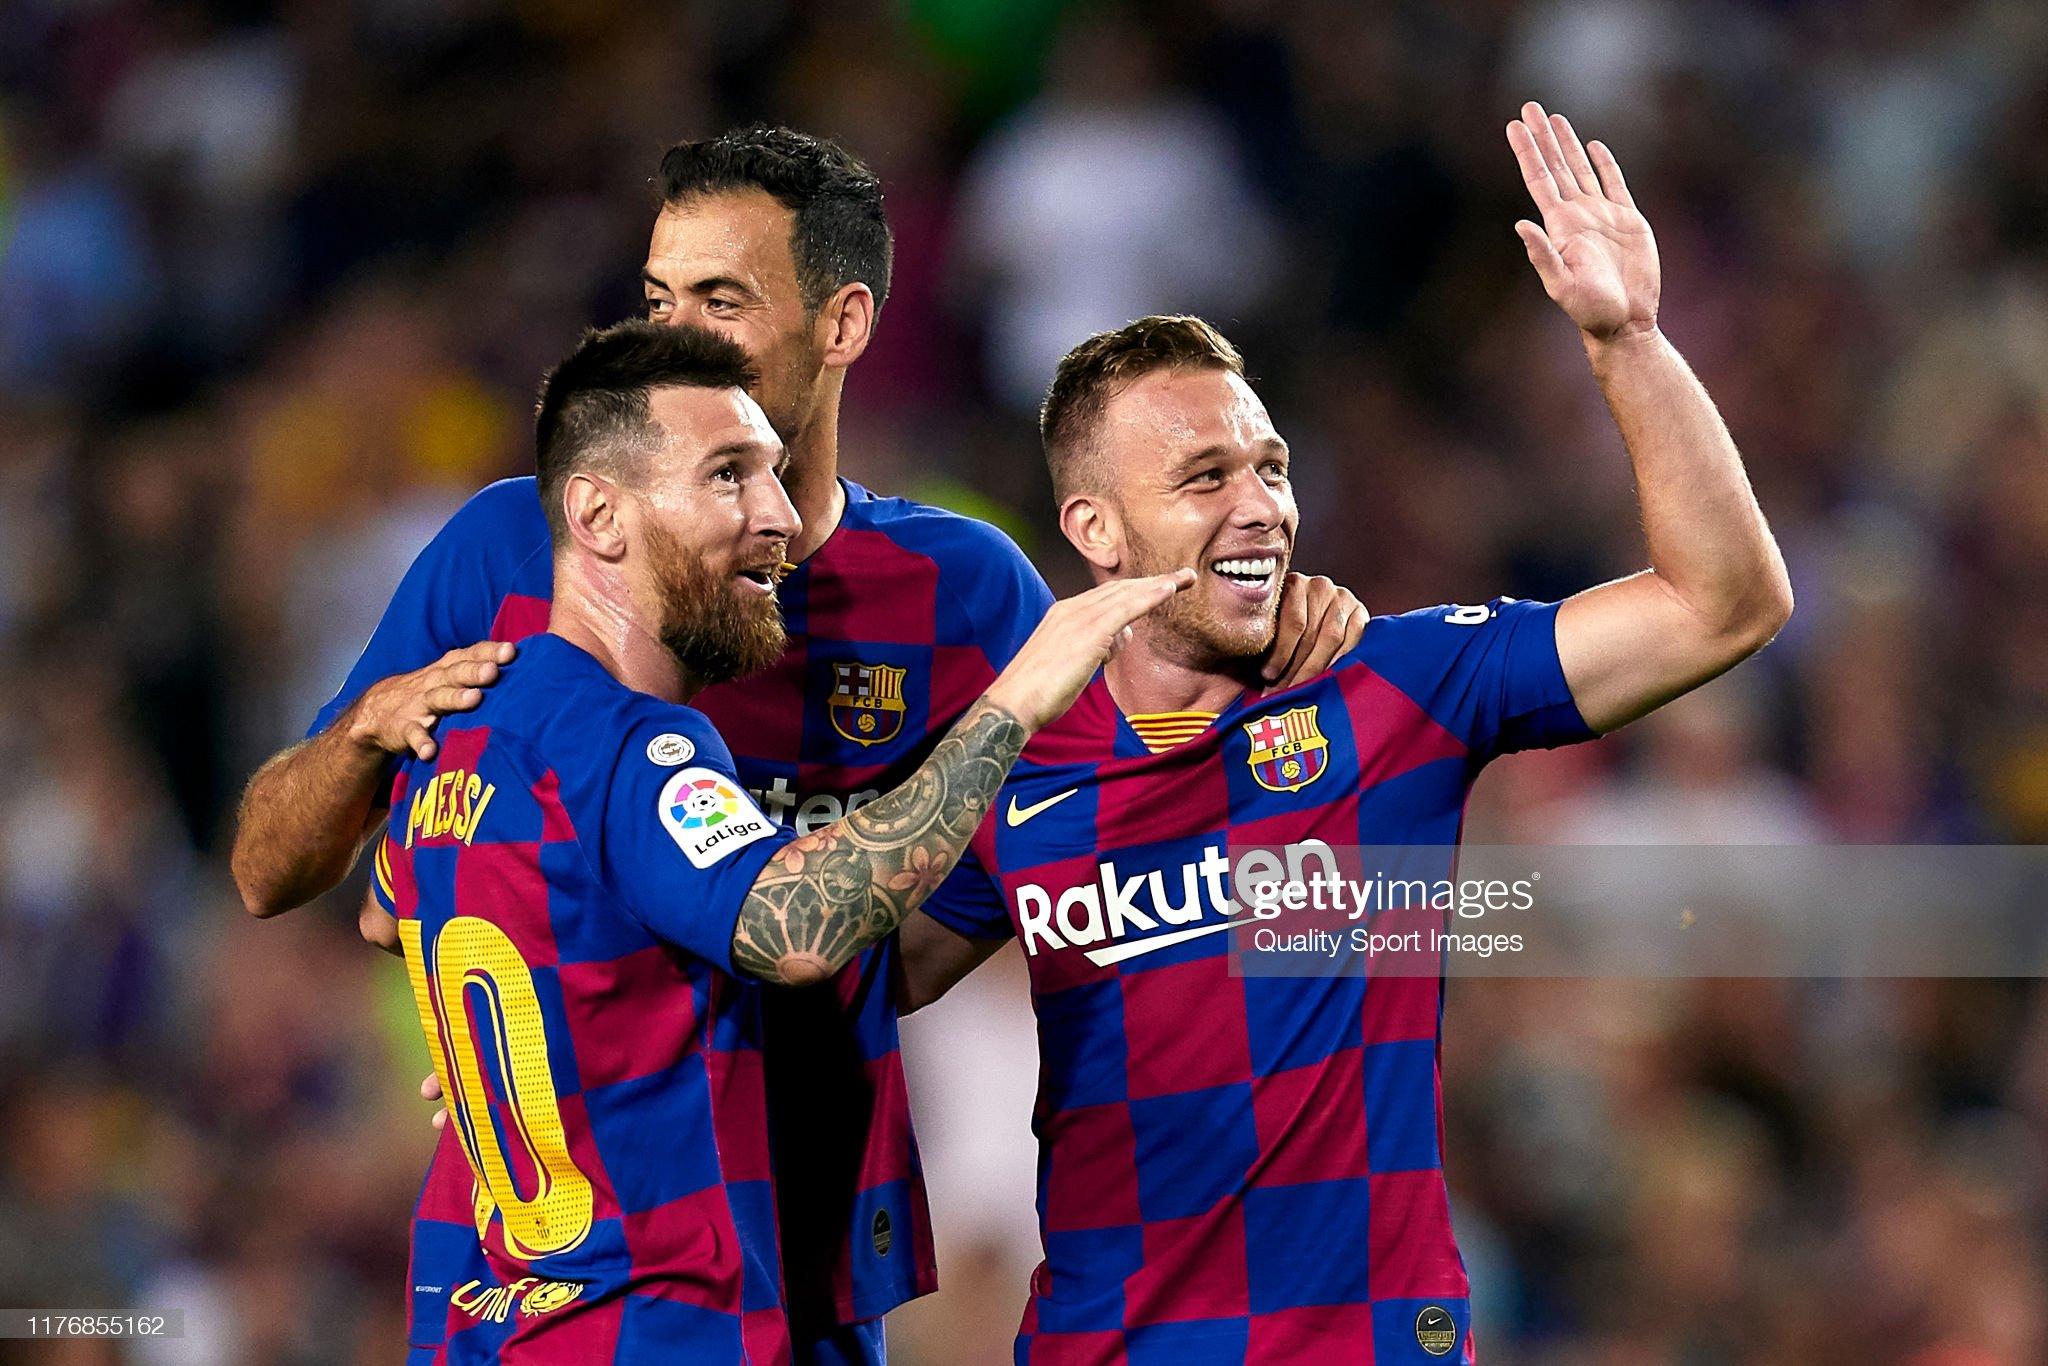 صور مباراة : برشلونة - فياريال 2-1 ( 24-09-2019 )  Lionel-messi-sergio-busquets-and-arthur-of-fc-barcelona-celebrating-picture-id1176855162?s=2048x2048